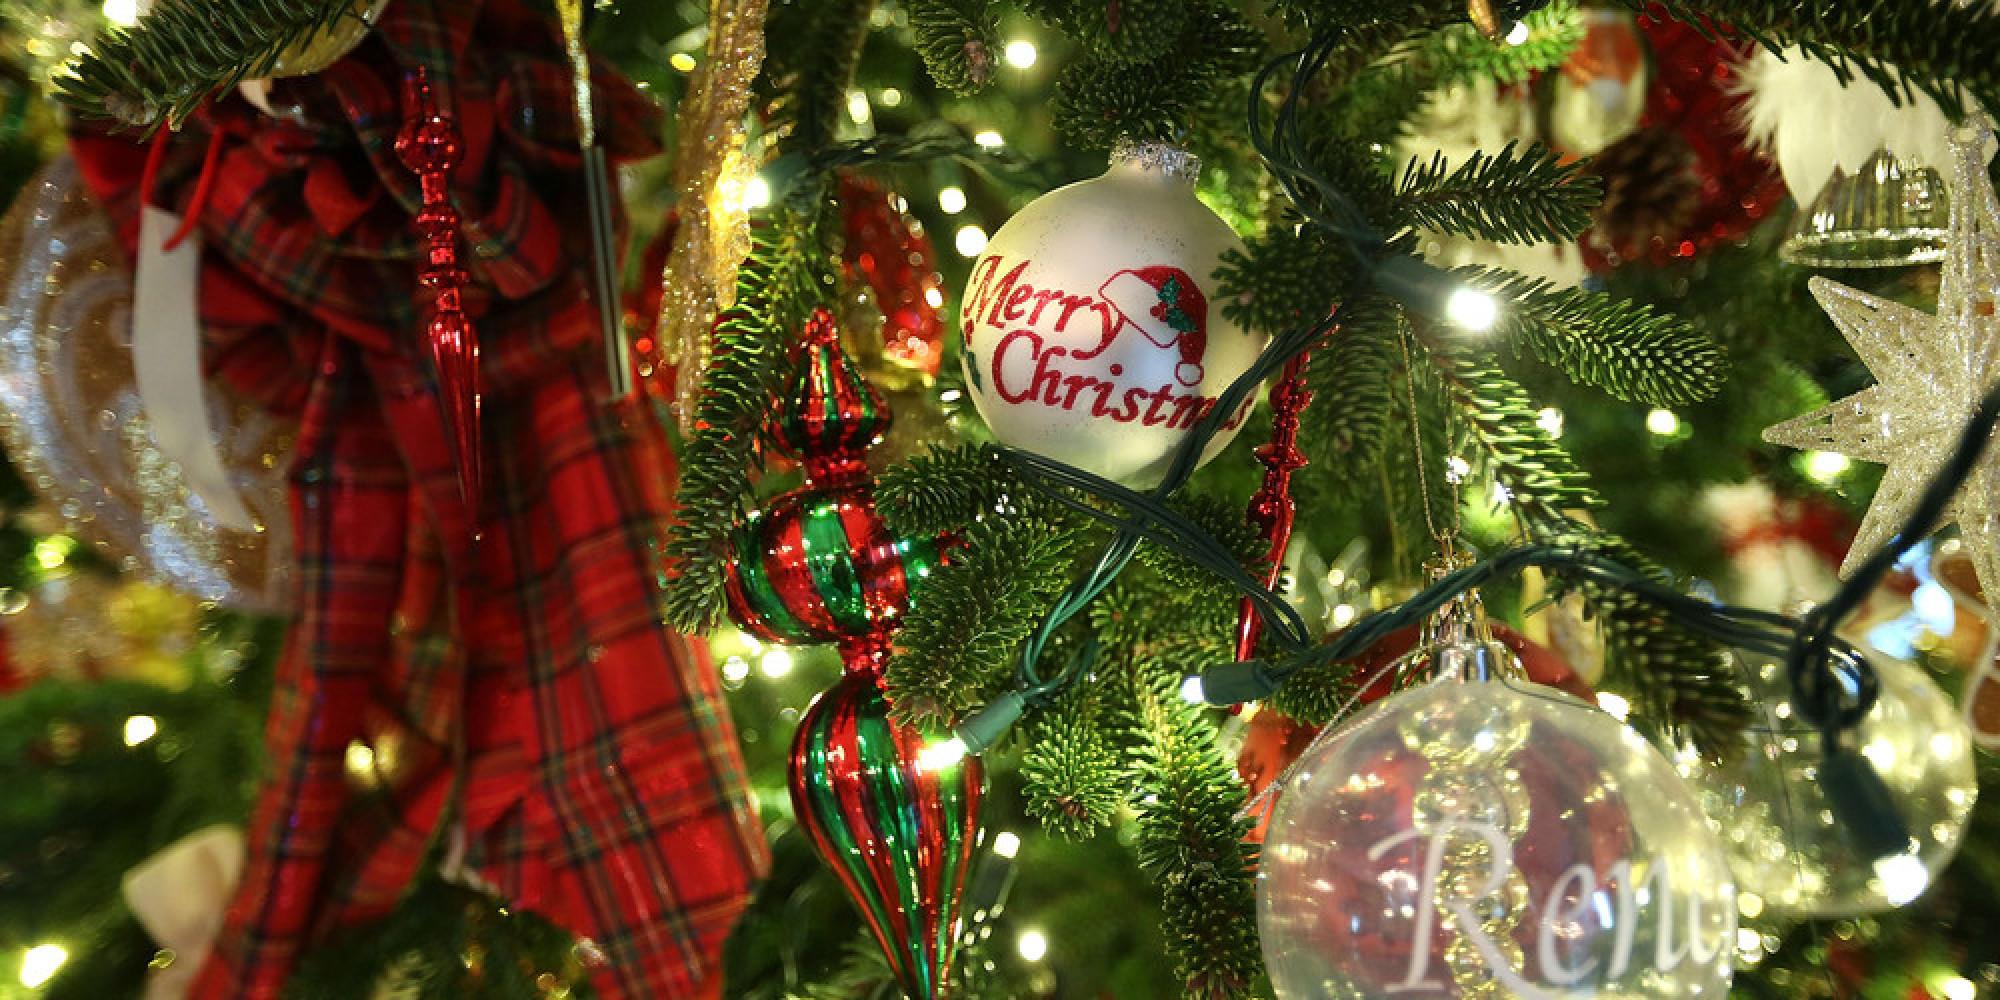 O Christmas Tree Words